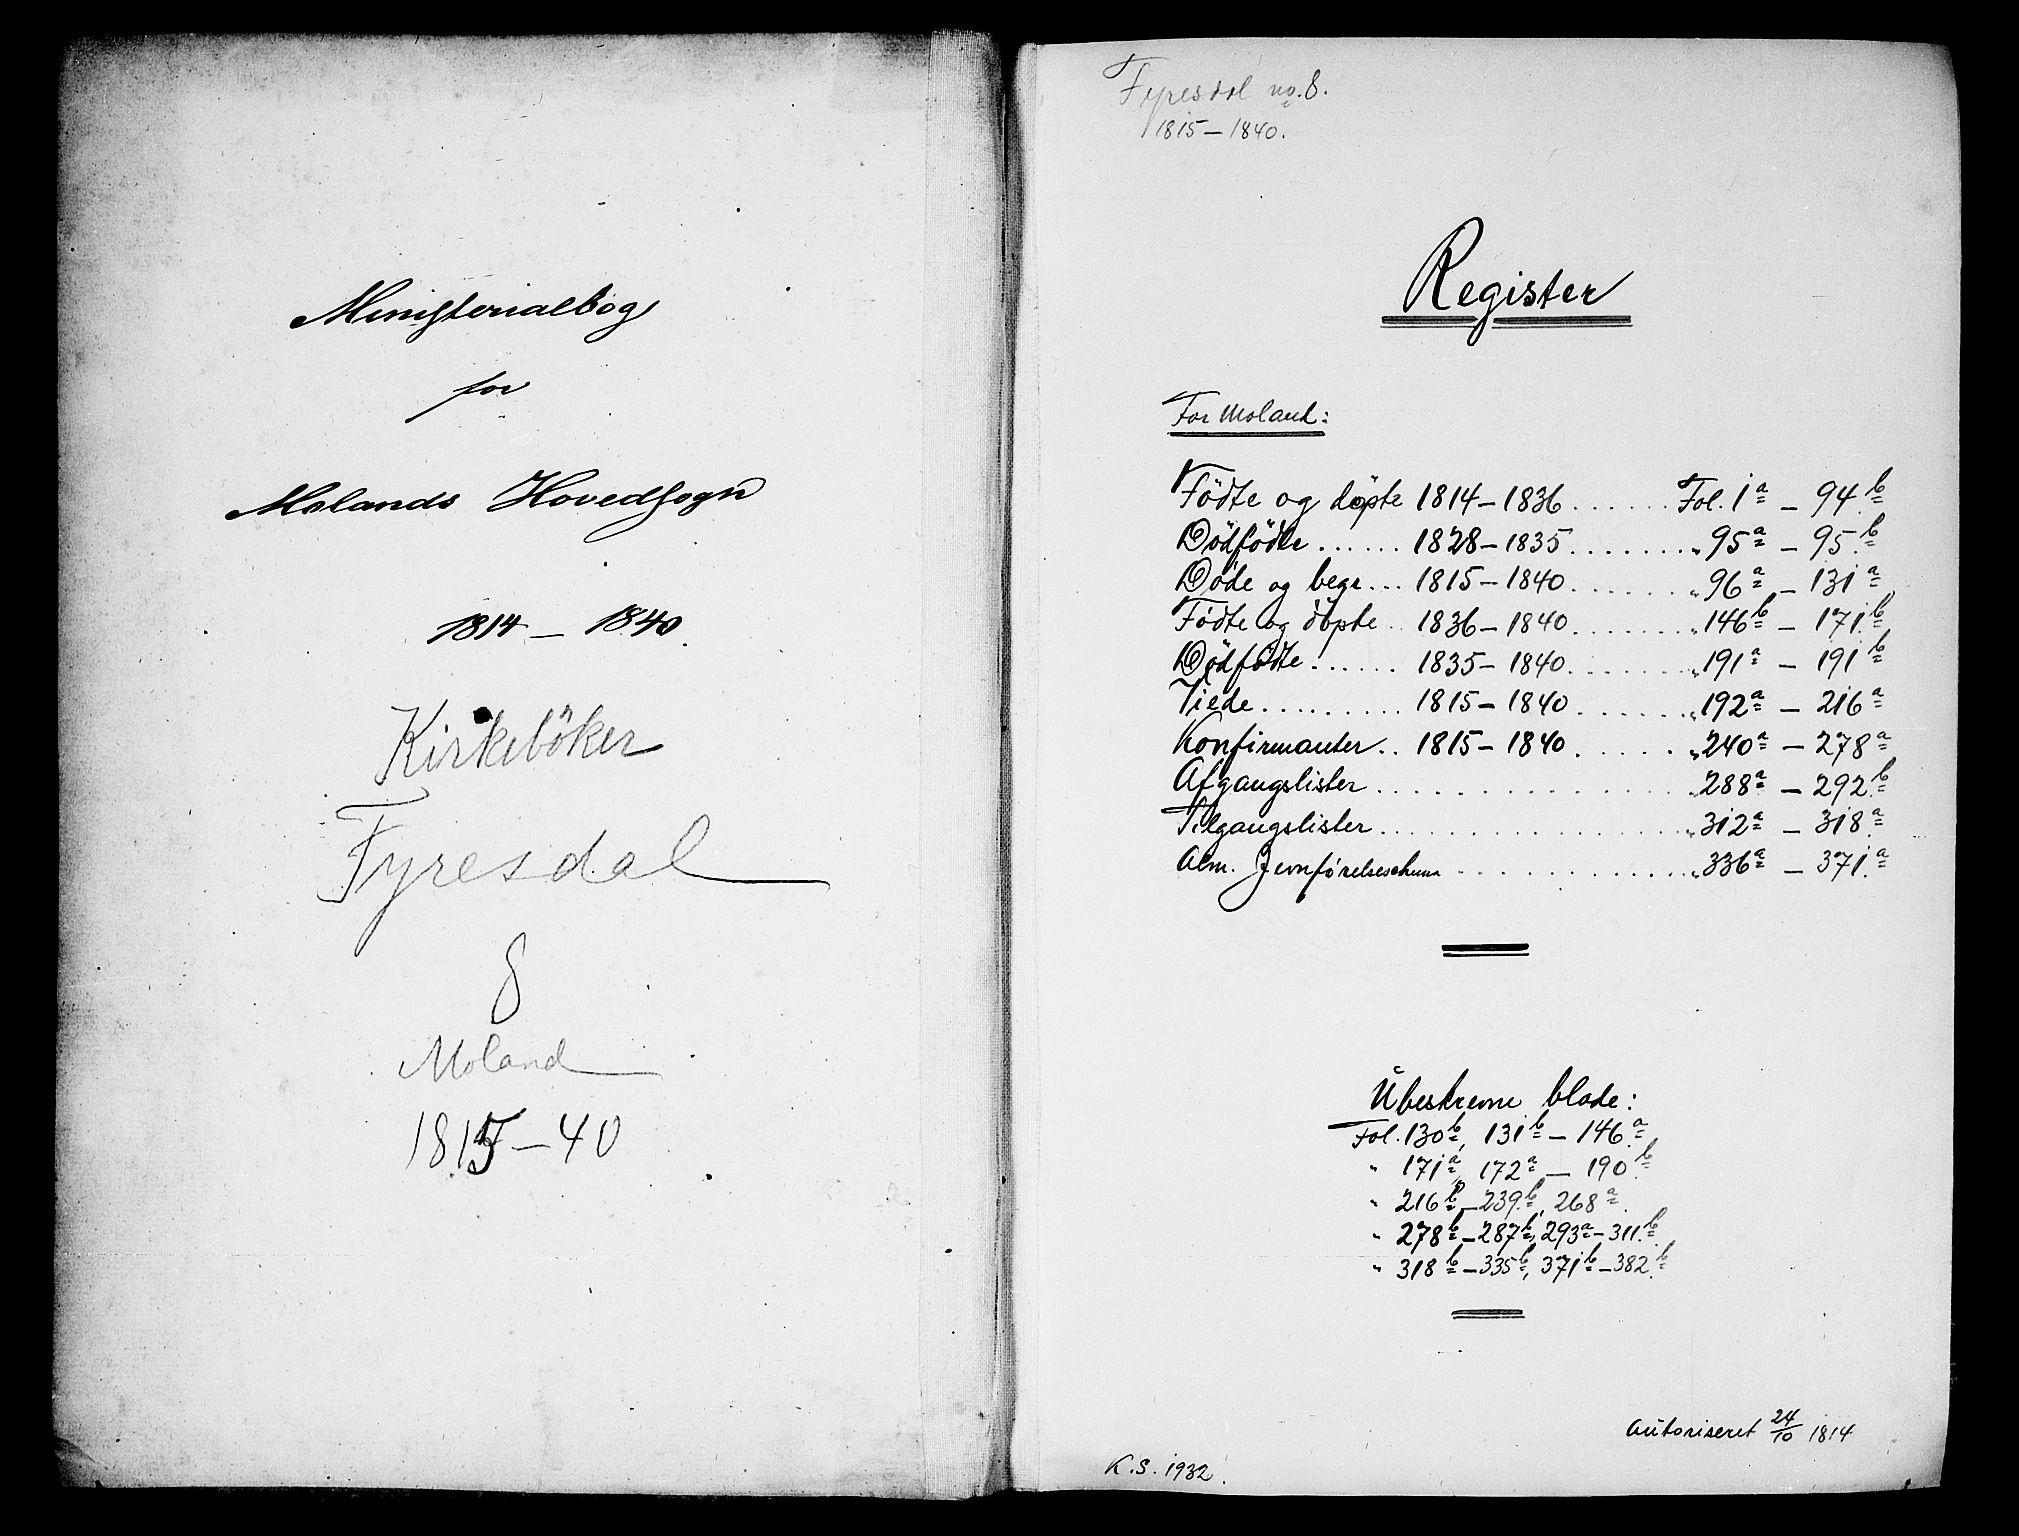 SAKO, Fyresdal kirkebøker, F/Fa/L0003: Ministerialbok nr. I 3, 1815-1840